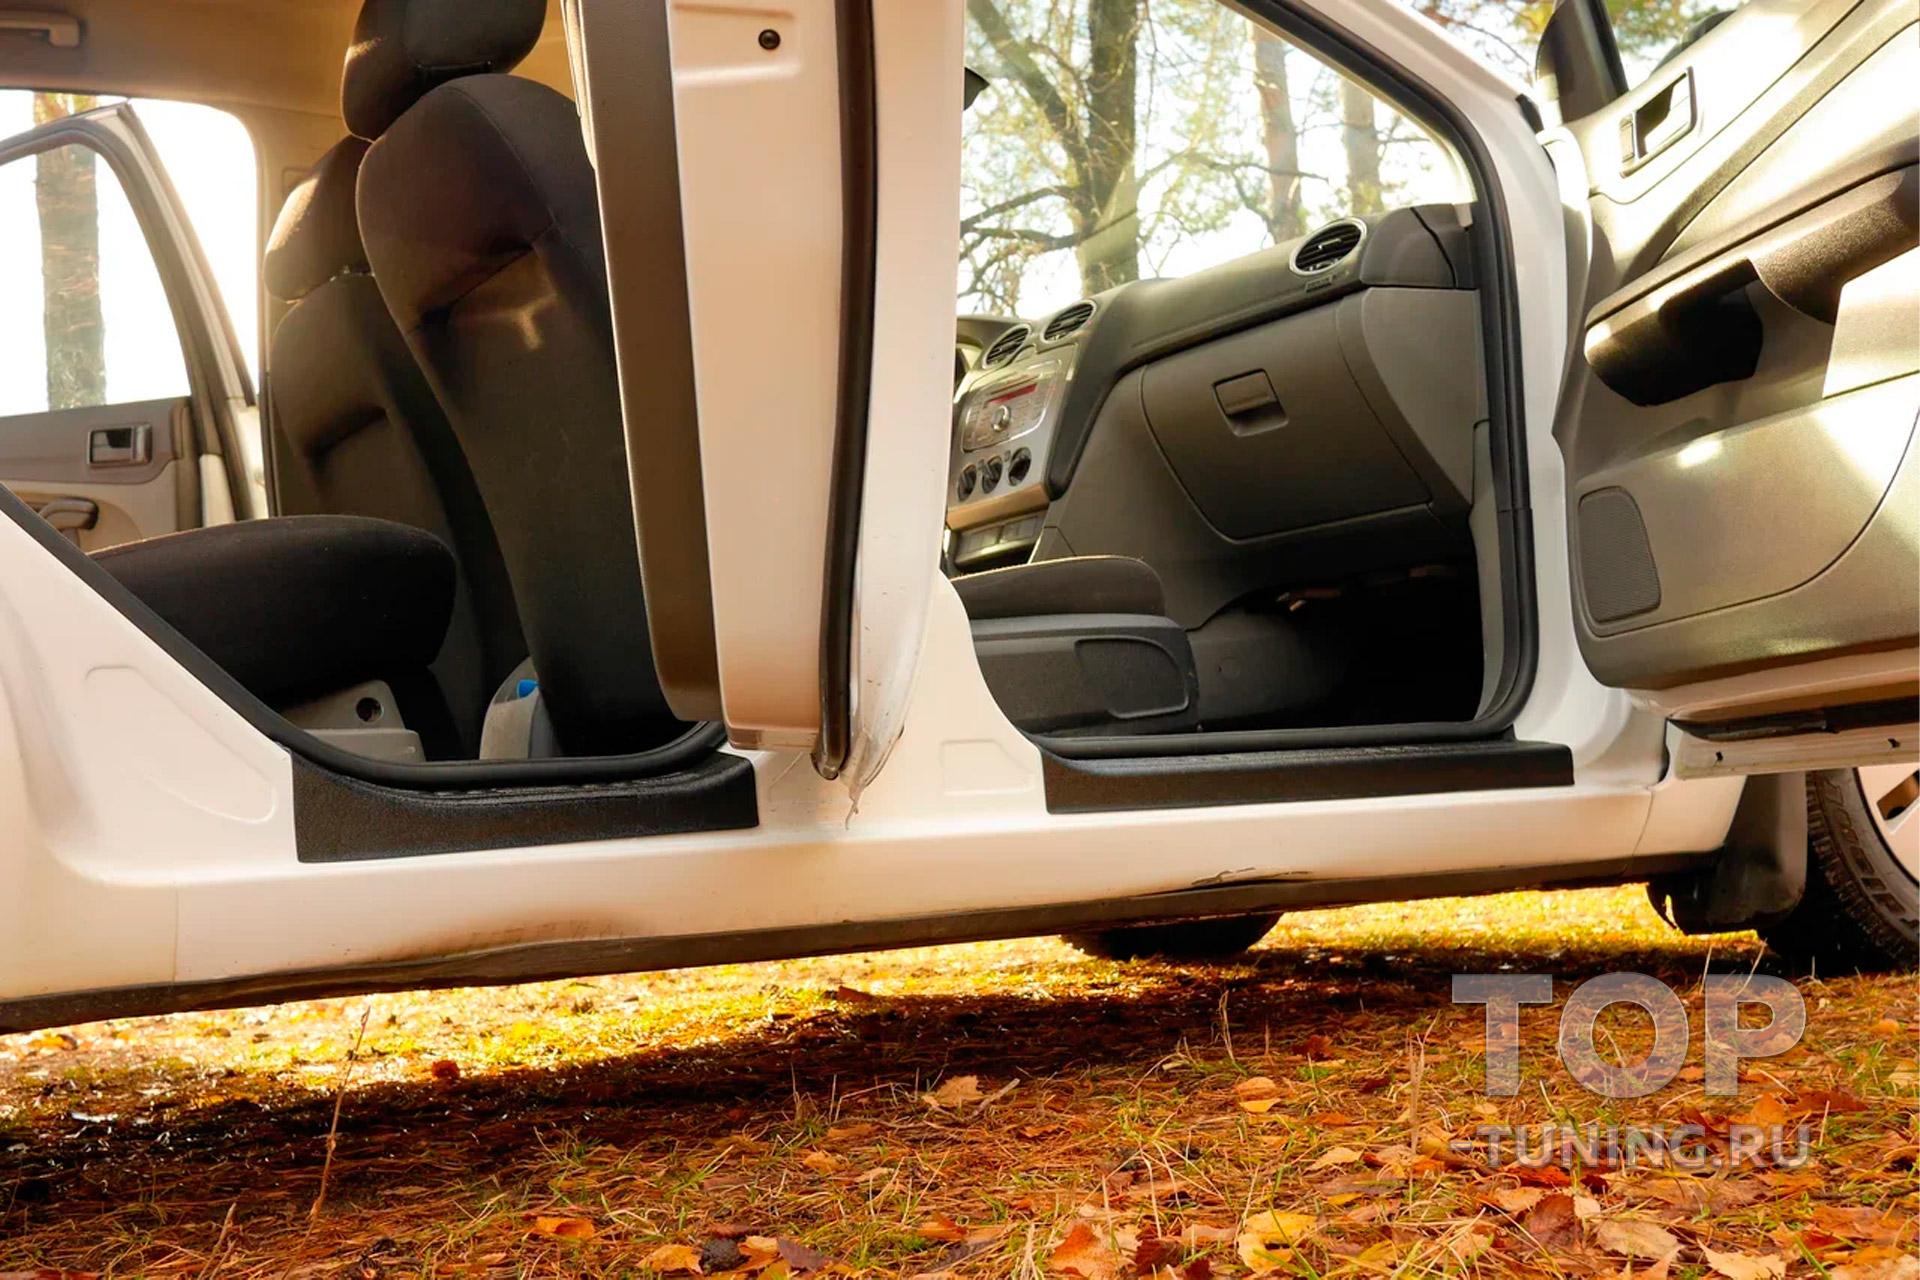 11428 Накладки Bastion на внутренние пороги дверей для Ford Focus 2